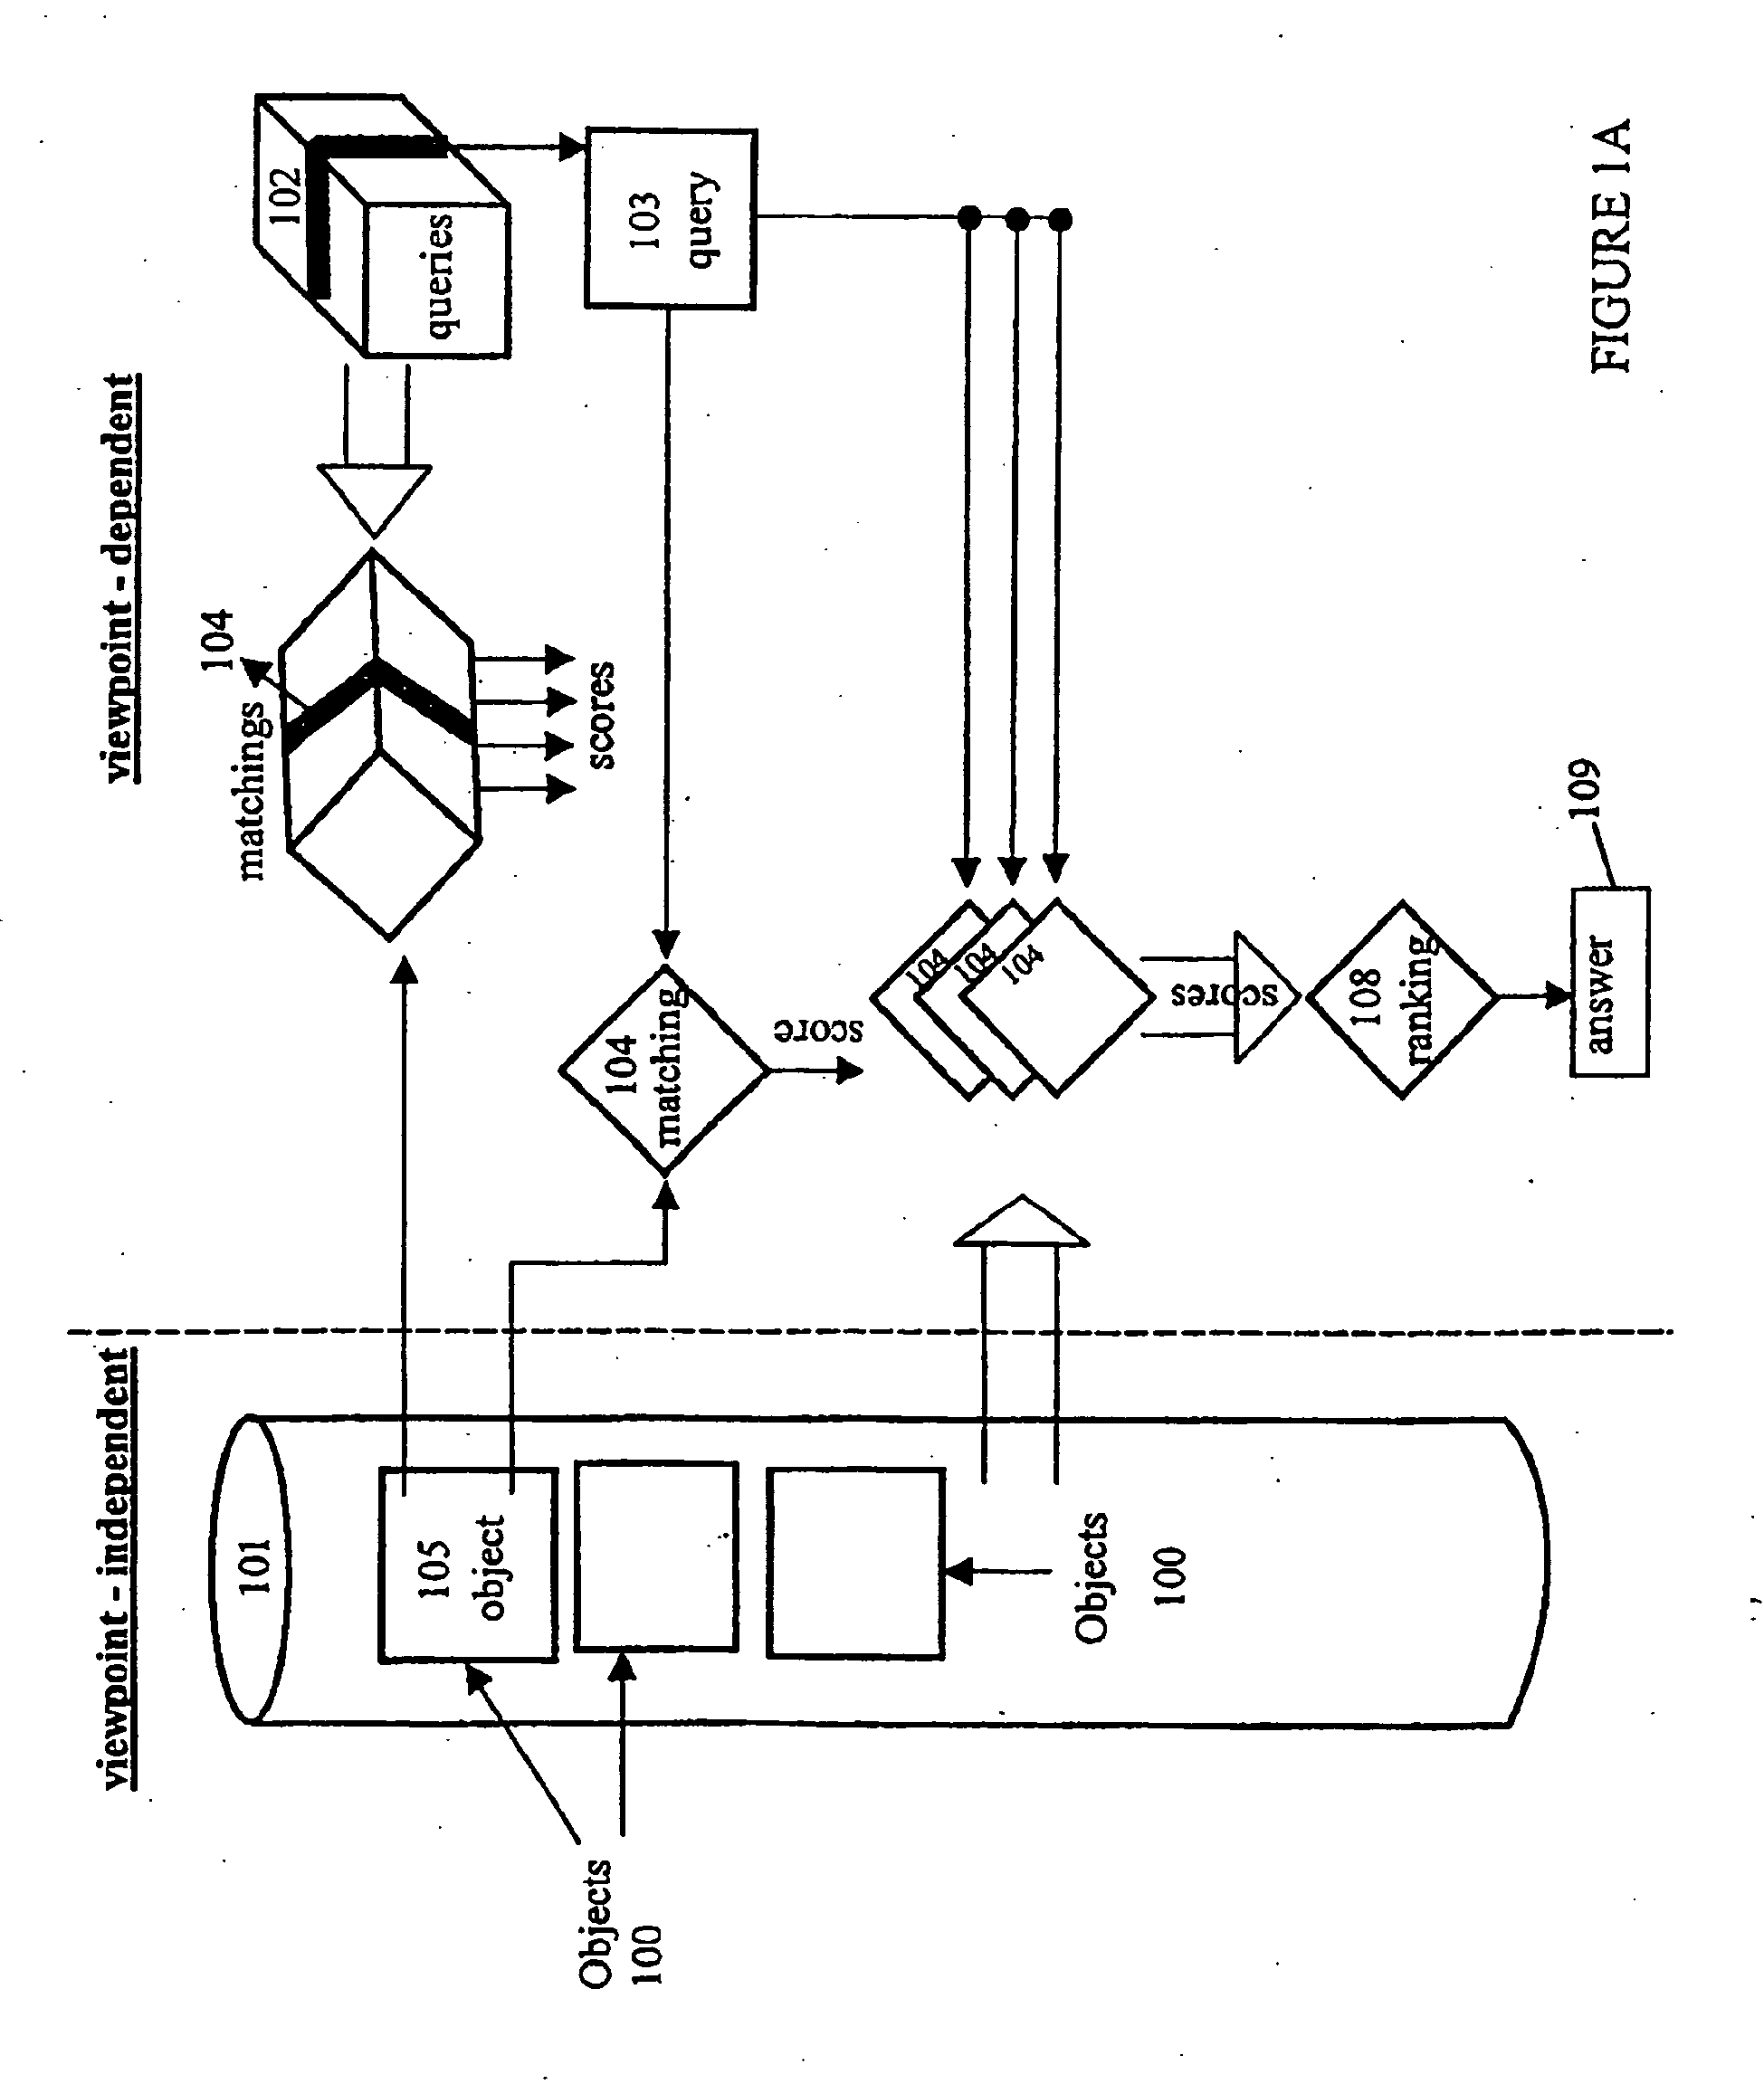 patent ep1246123b1 bilderkennungsverfahren f r variable beleuchtete objekte mittels schneller. Black Bedroom Furniture Sets. Home Design Ideas